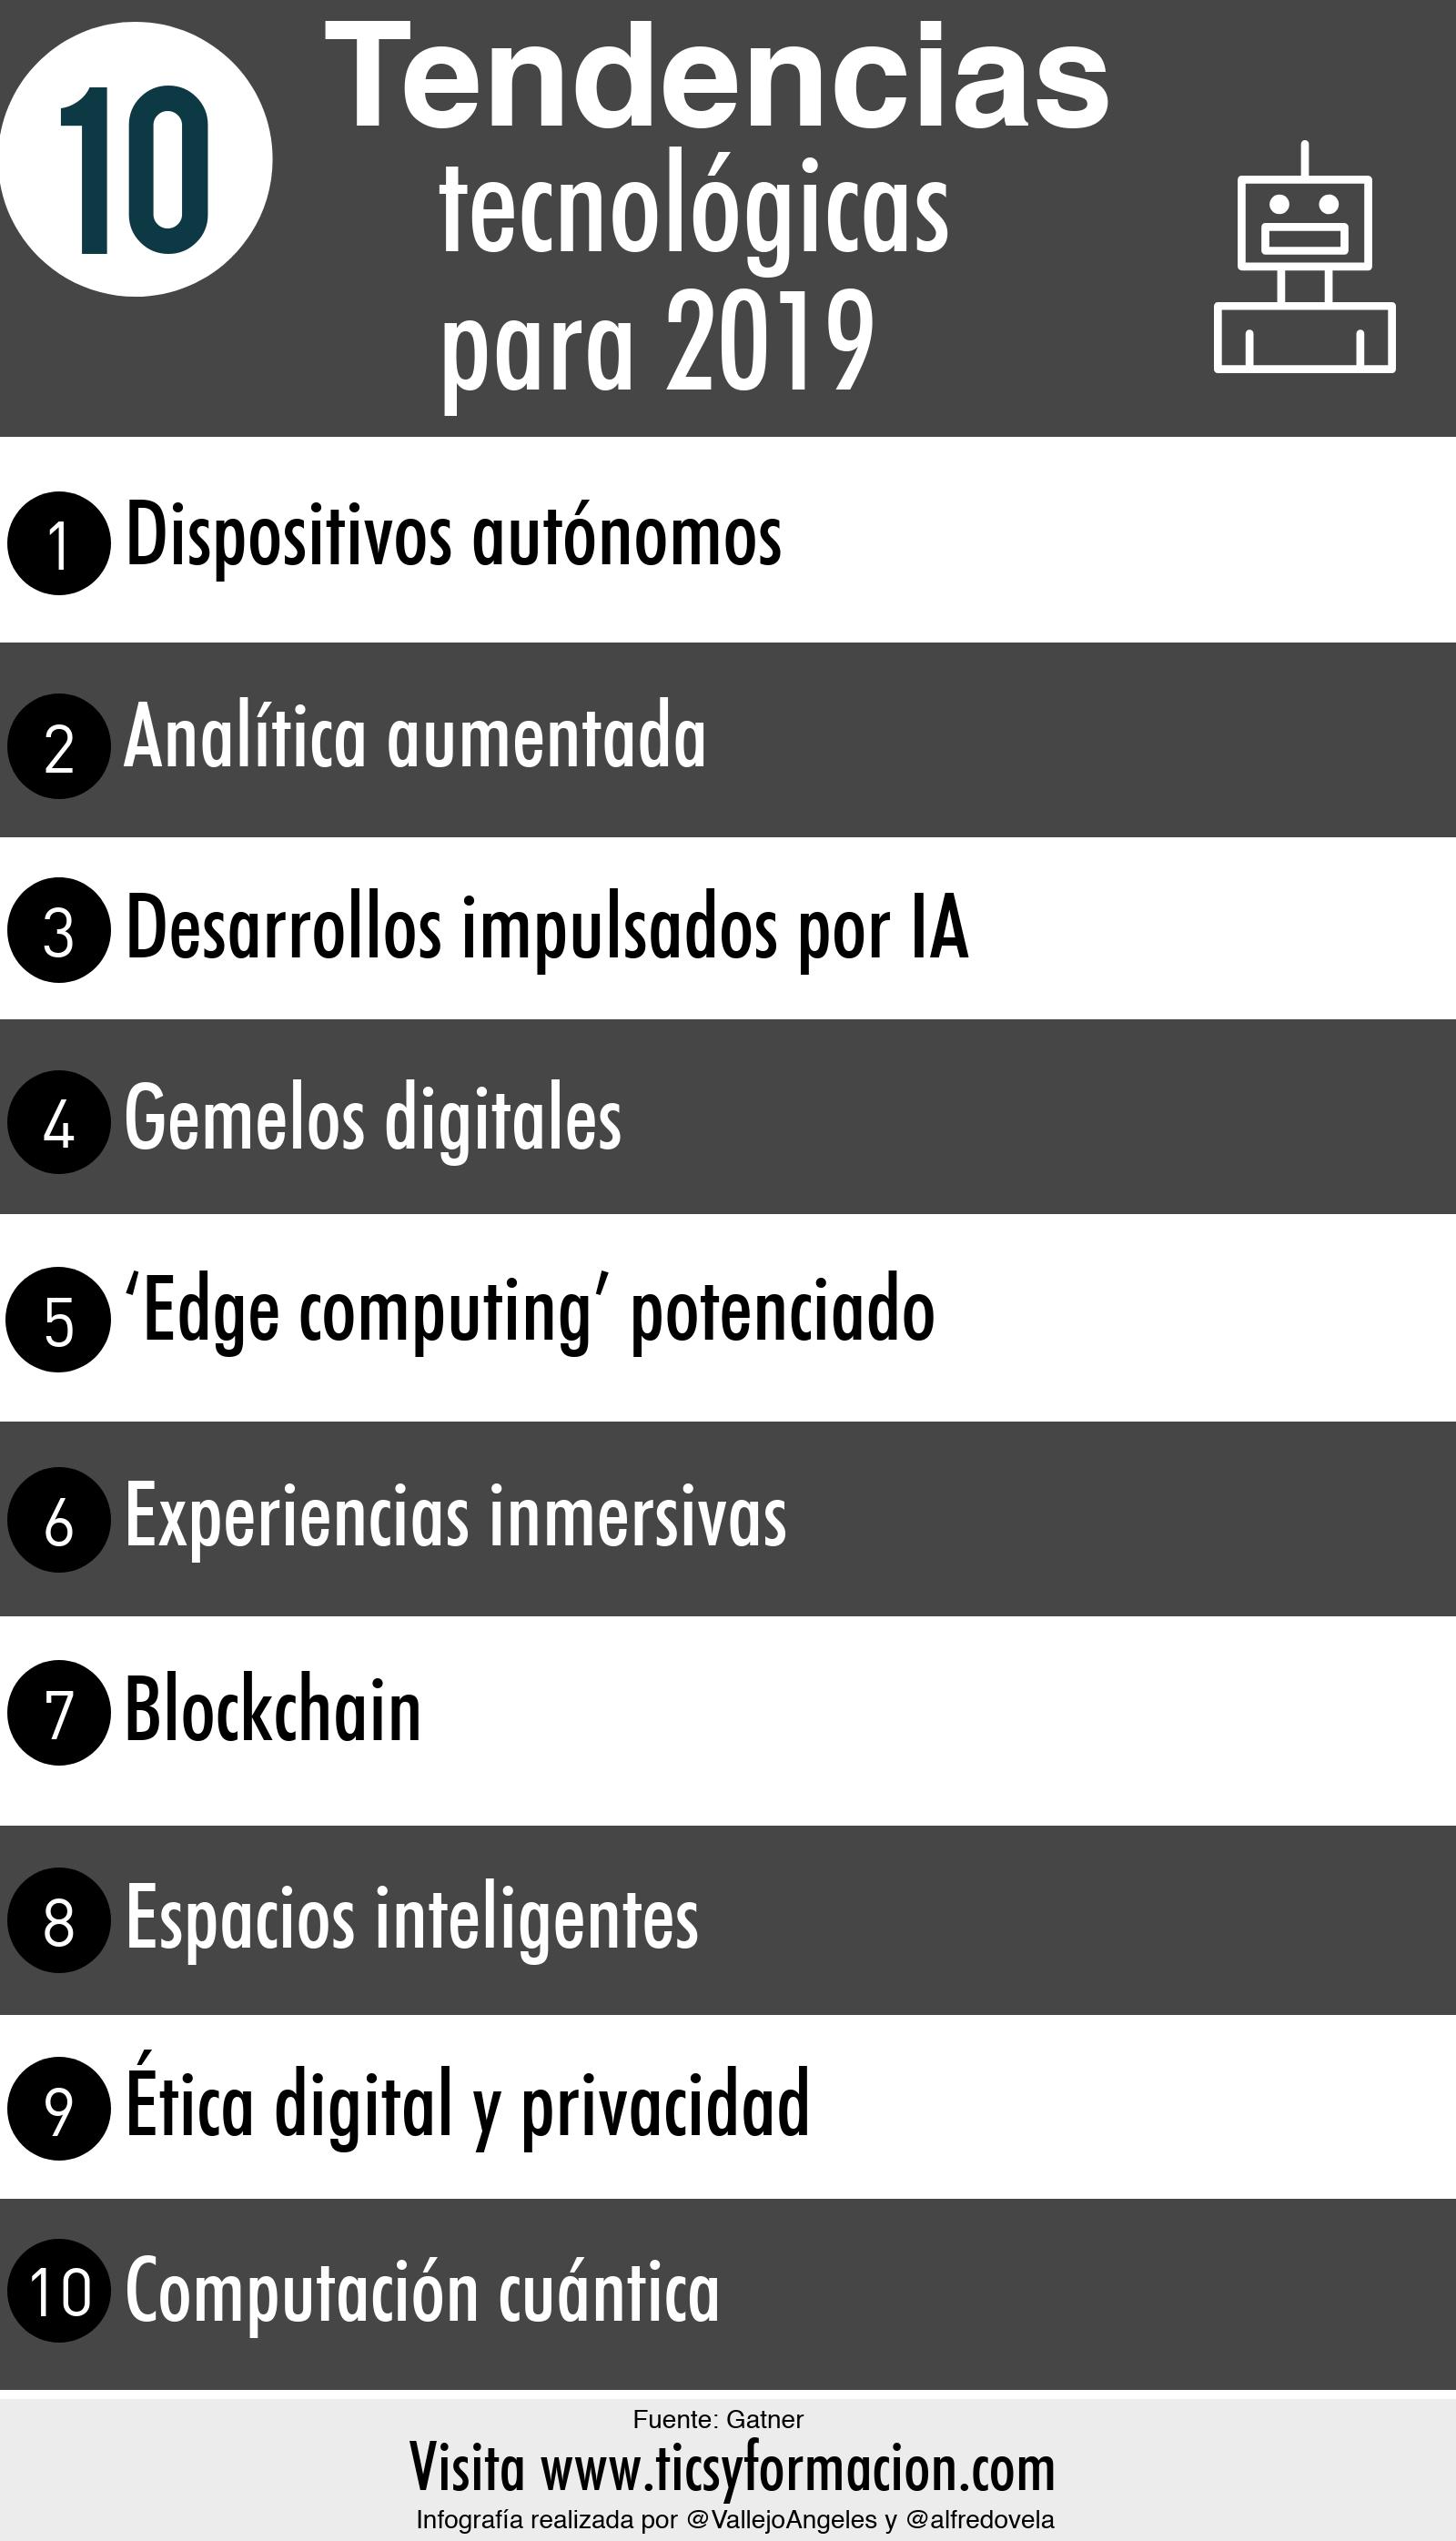 10 Tendencias Tecnológicas Para 2019 Infografia Infographic Tech Tics Y Formación Tecnologico Tecnologia Computacion